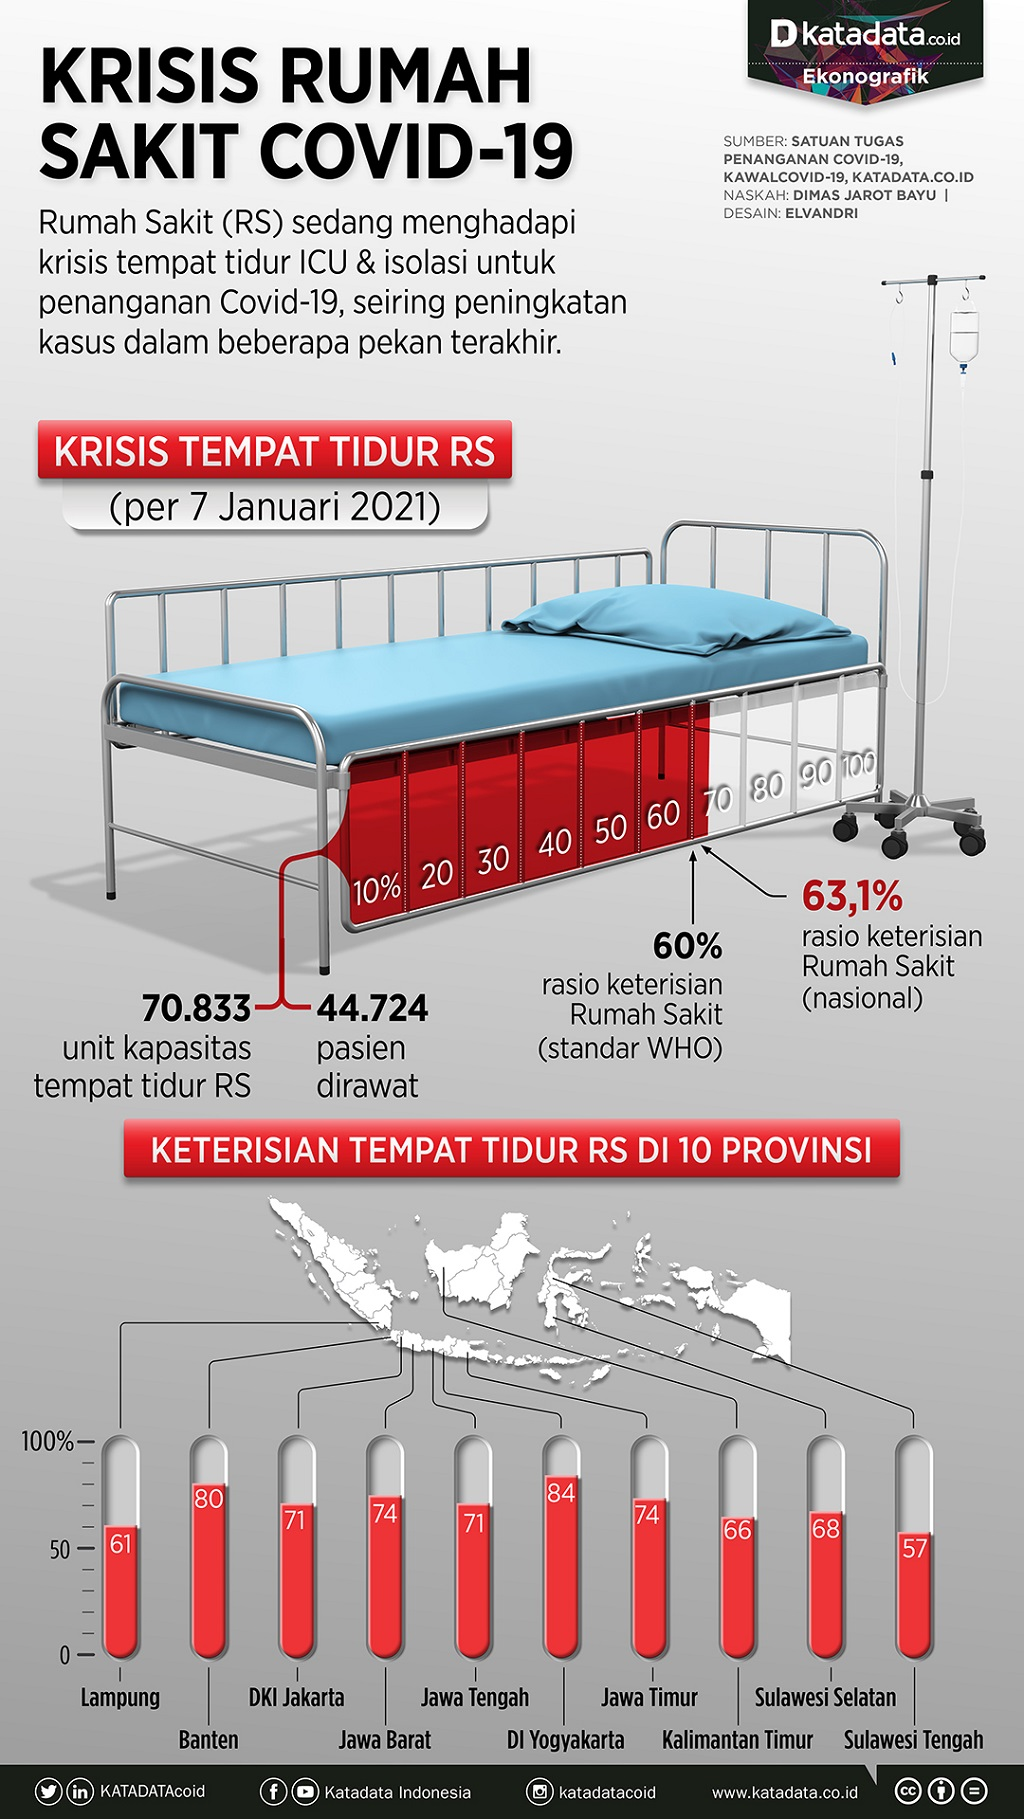 Infografik_Krisis rumah sakit covid-19